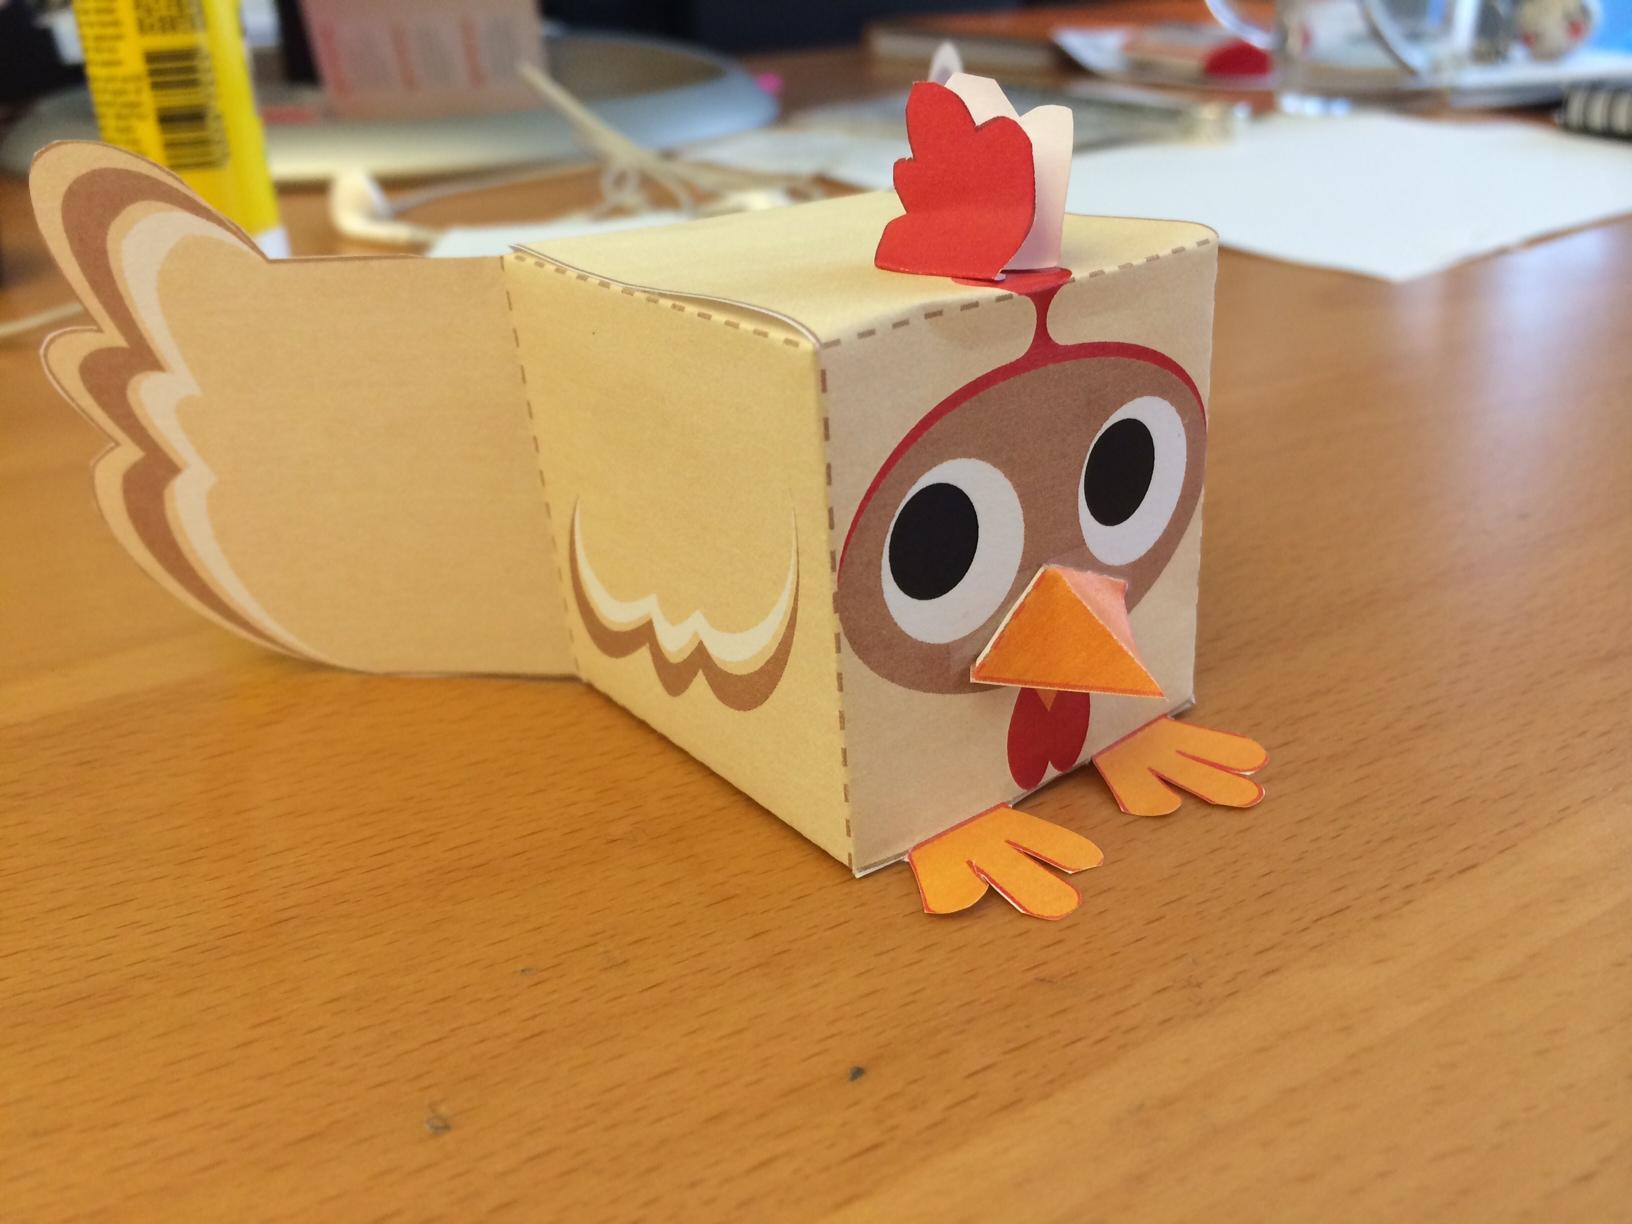 Fabrique Ta Poule De Pâques En Papertoy - La Poule | La Poule destiné Paper Toy A Imprimer